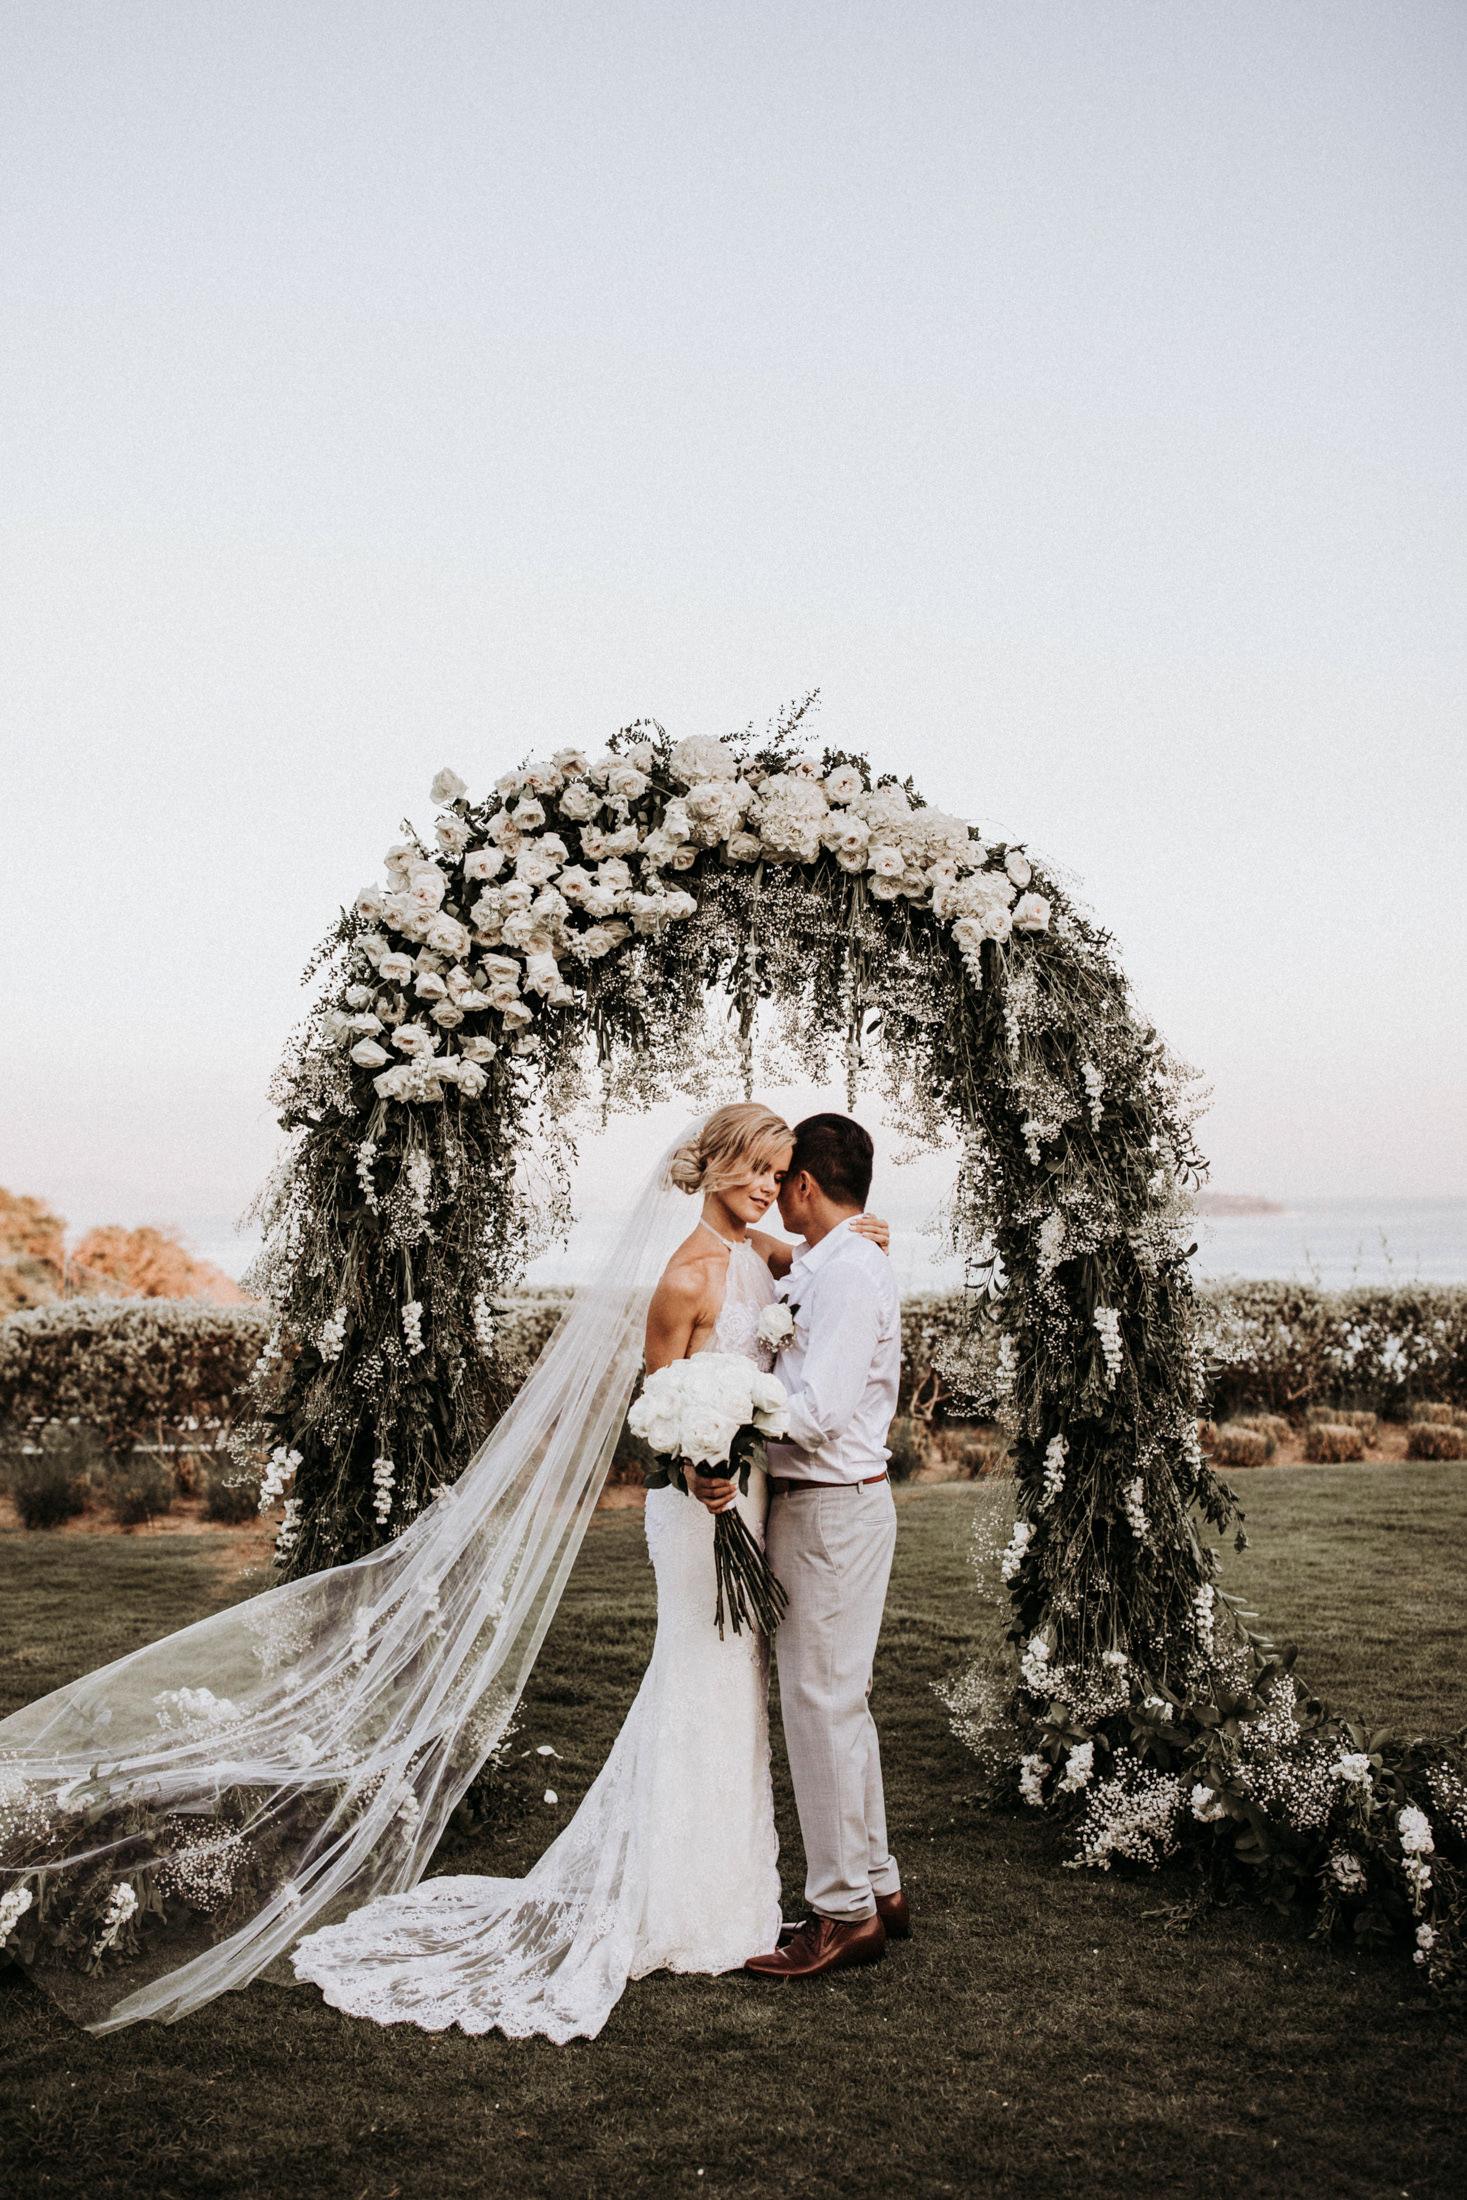 DanielaMarquardt_Wedding_Thailand_325